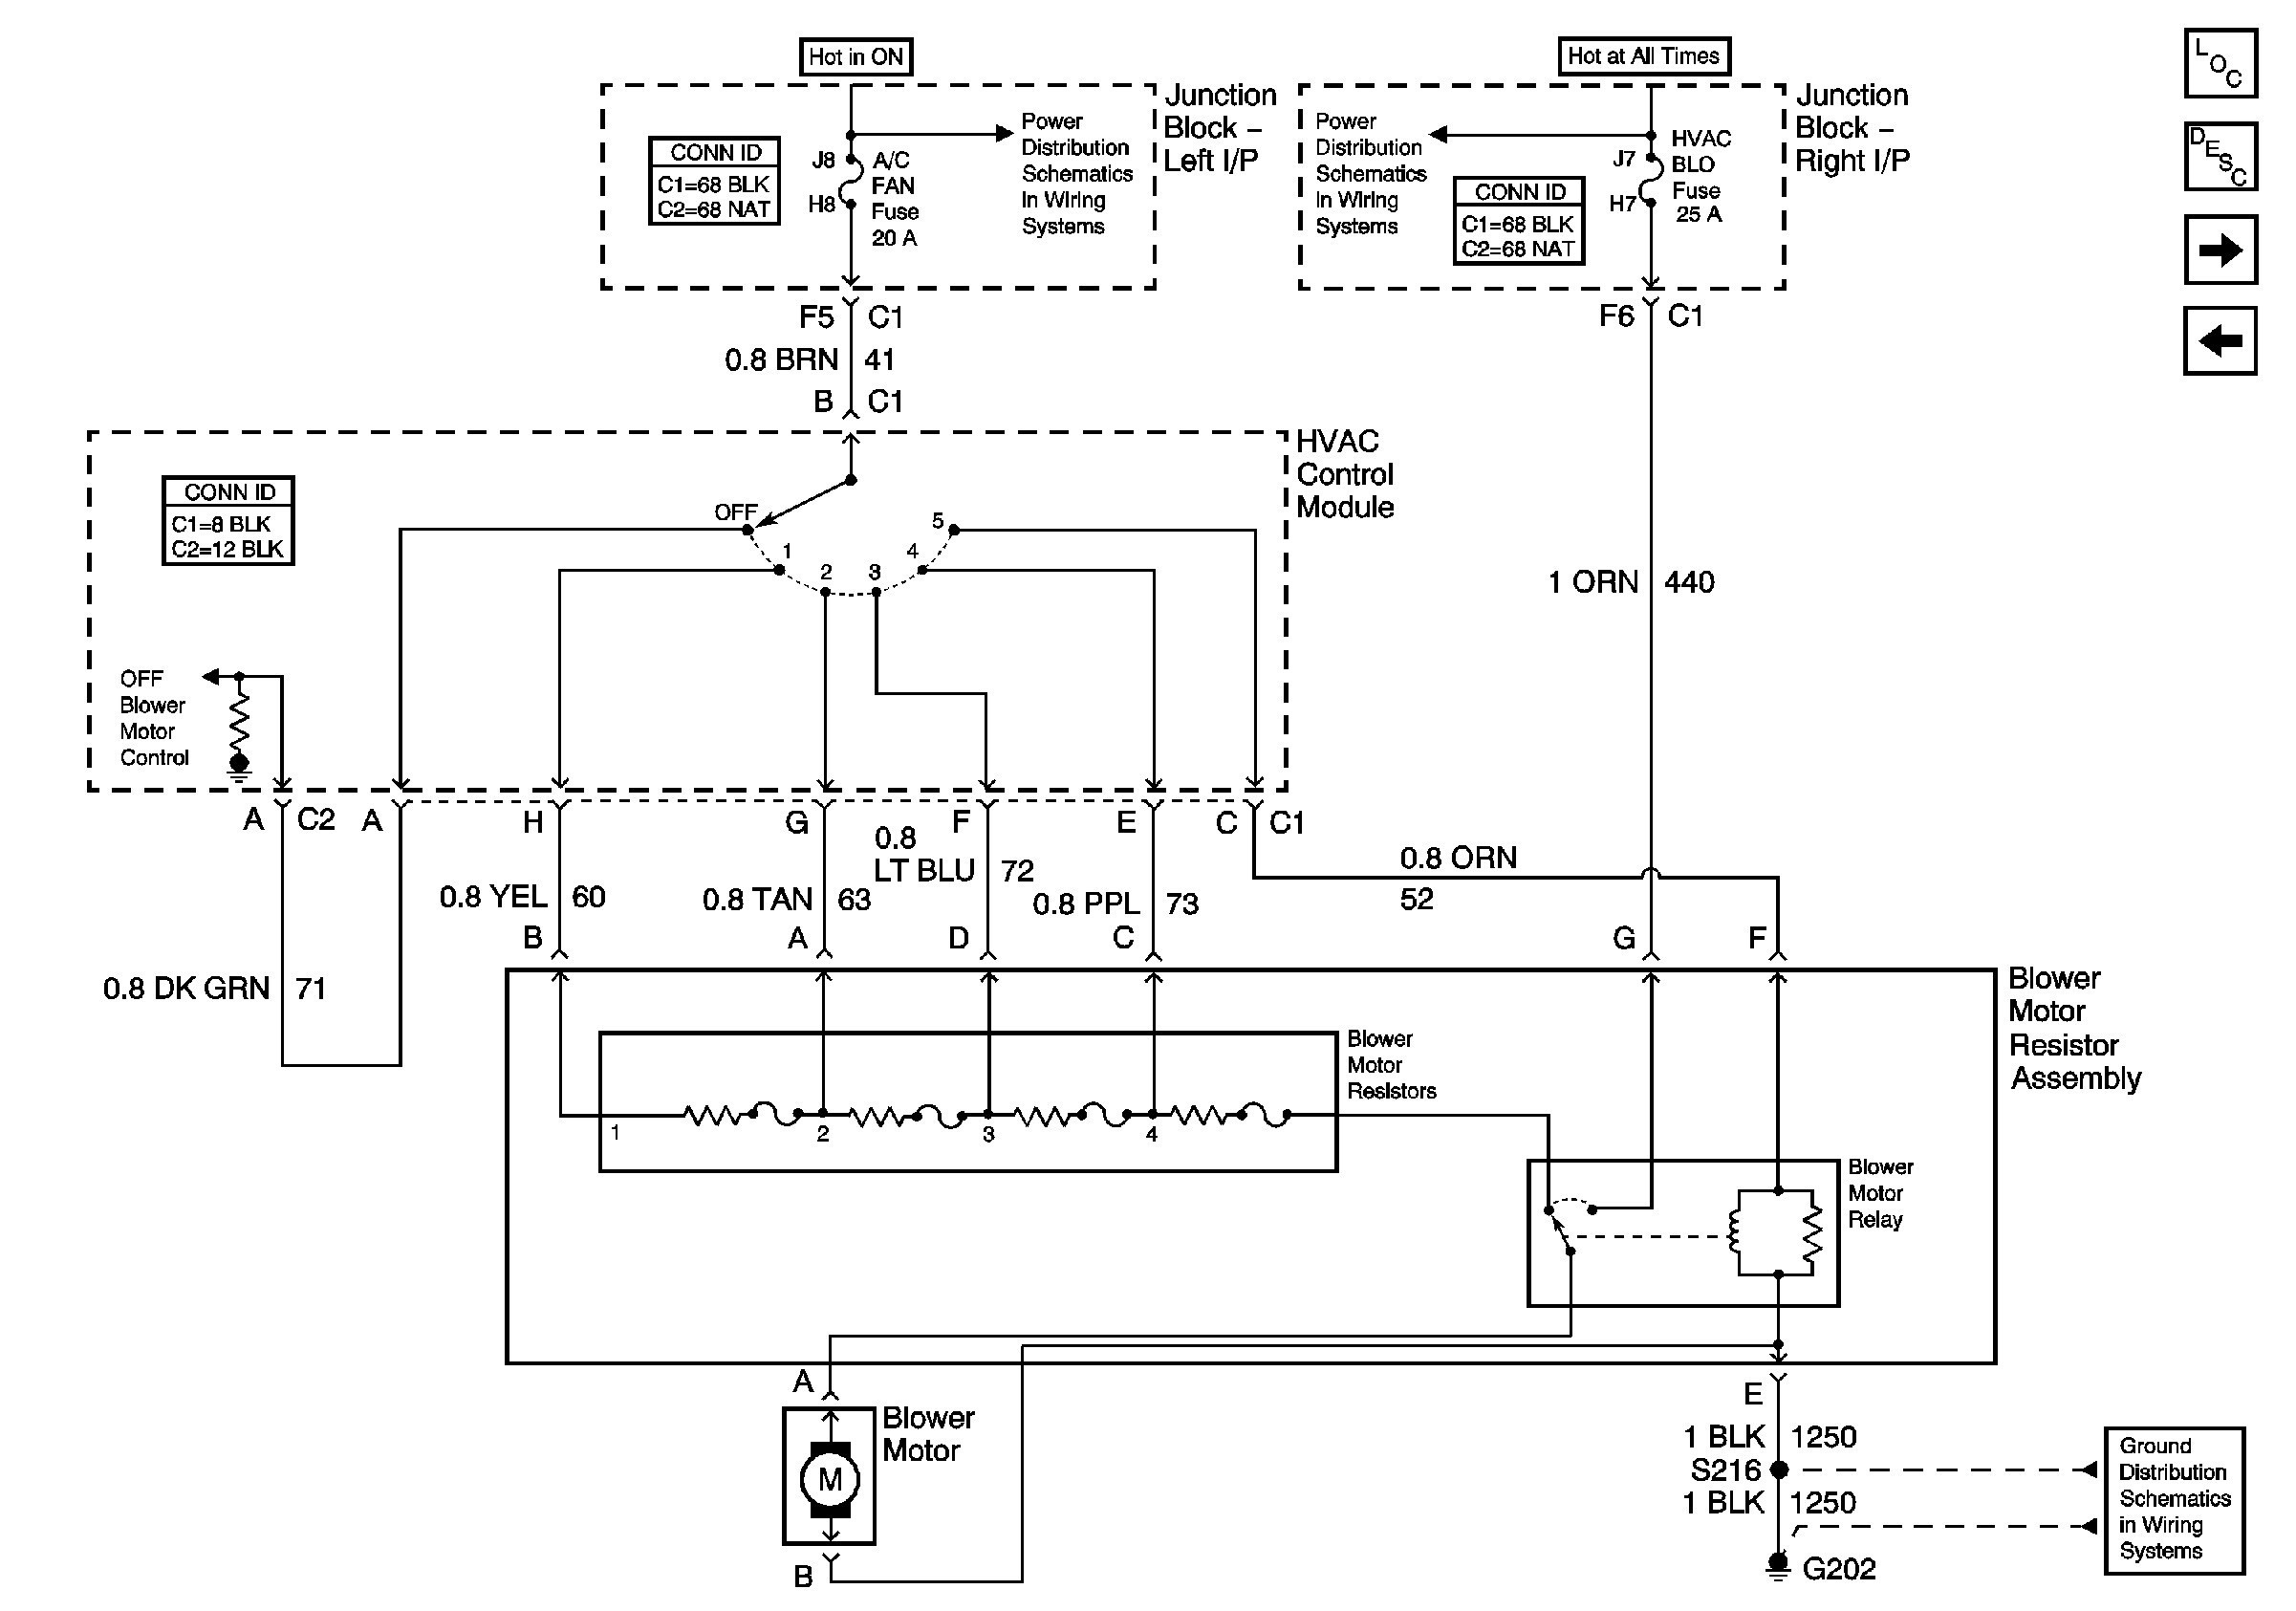 2005 Kia Sorento Engine Diagram My Wiring Diagrams Dome 07 Suburban Blower Motor Data Of